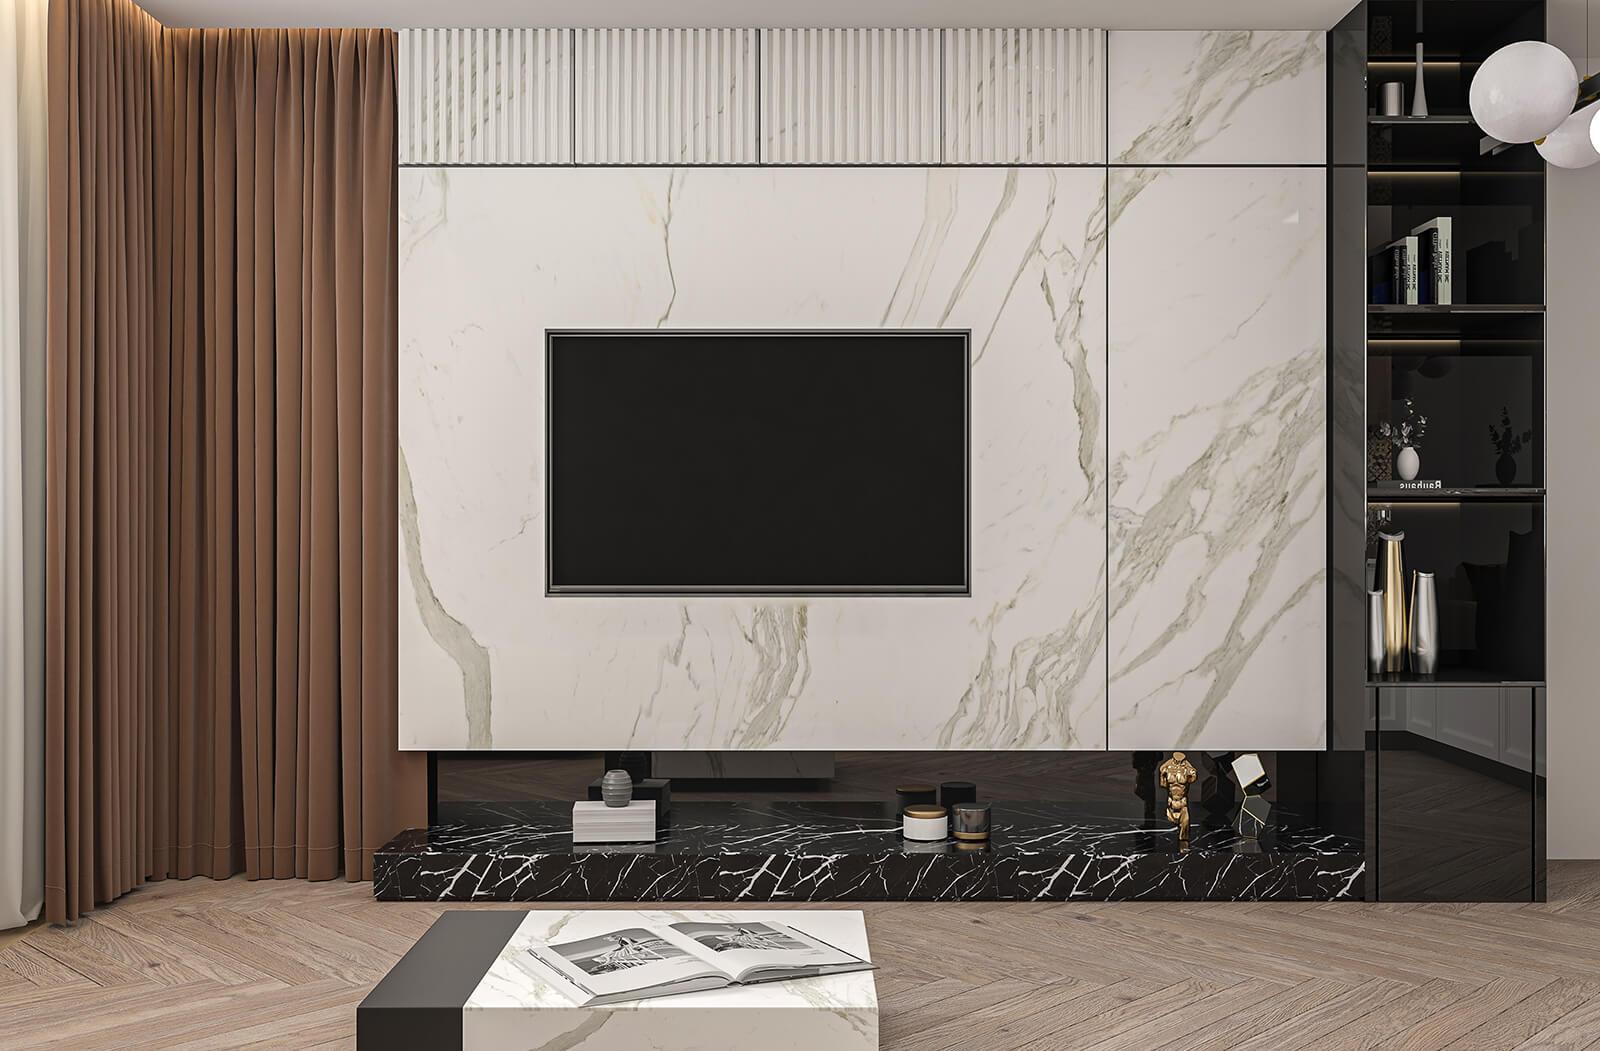 interioren-dizain-proekt-na-hol-i-kuhnia